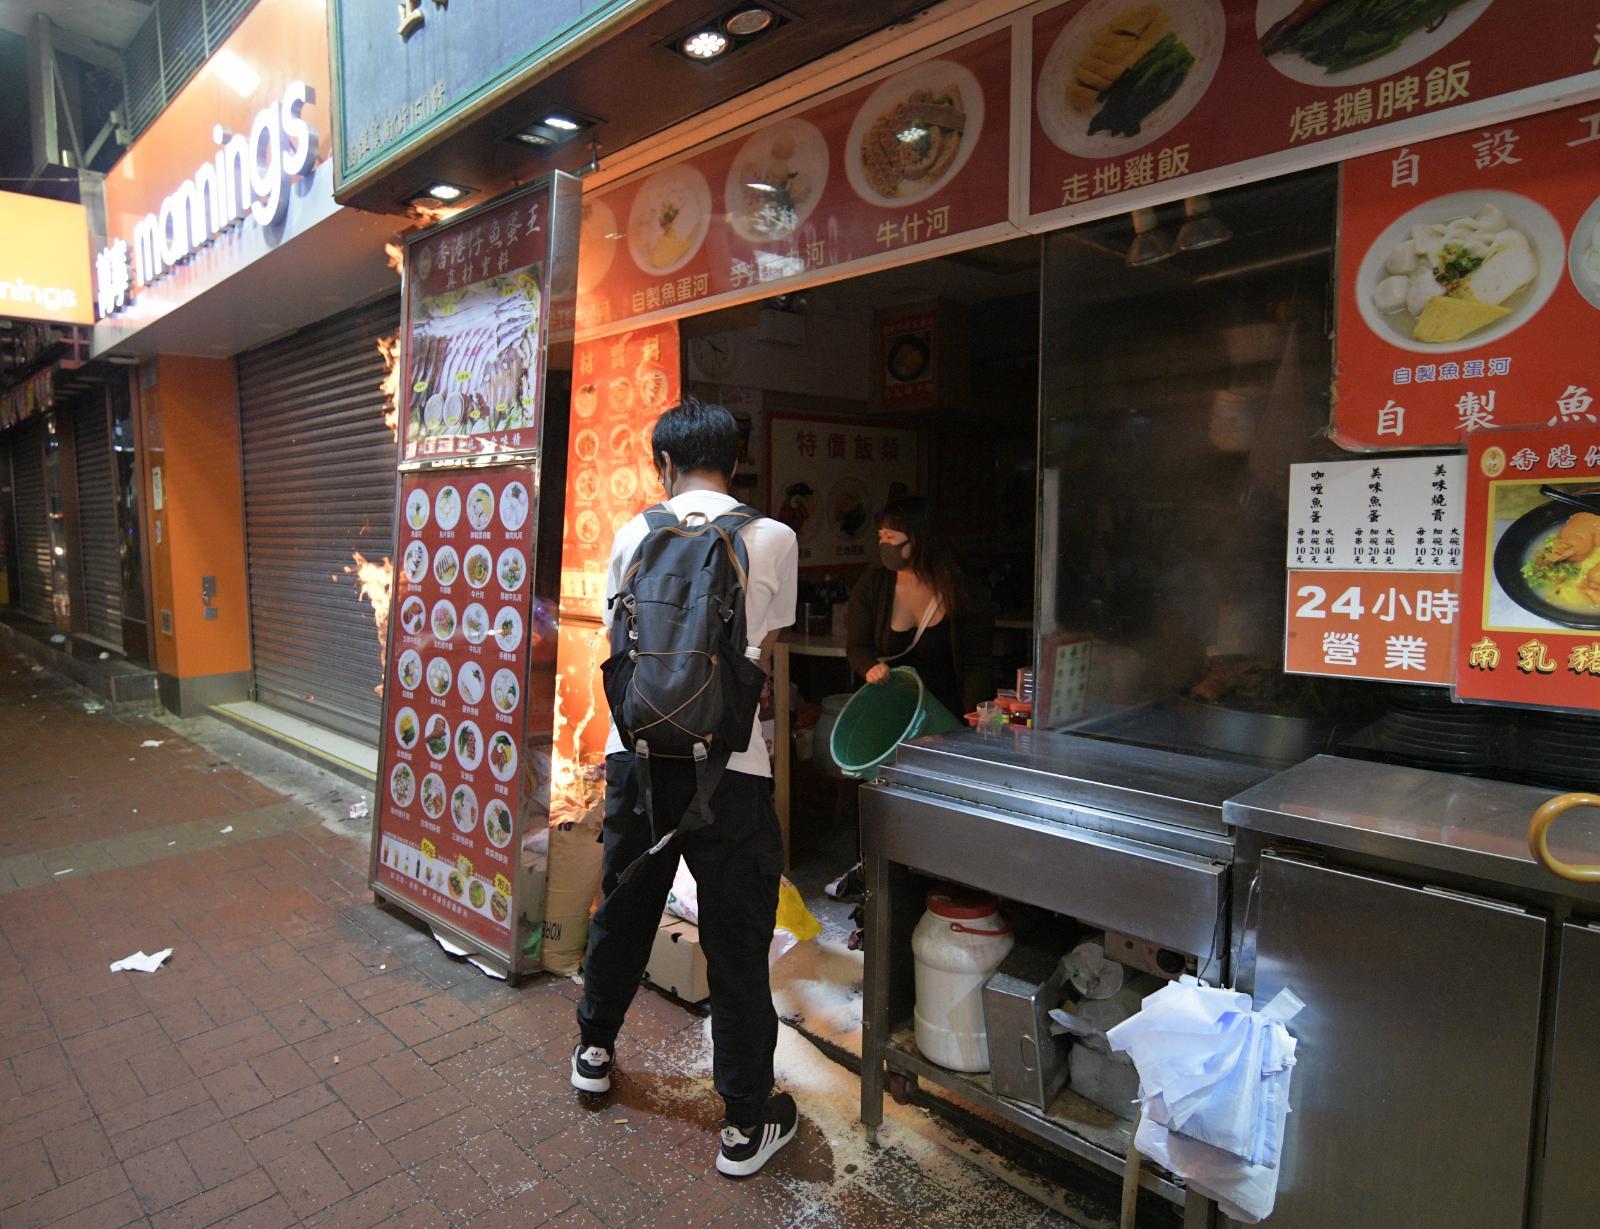 【修例风波】旺角粉面店被催泪弹射中起火 职员淋水扑熄